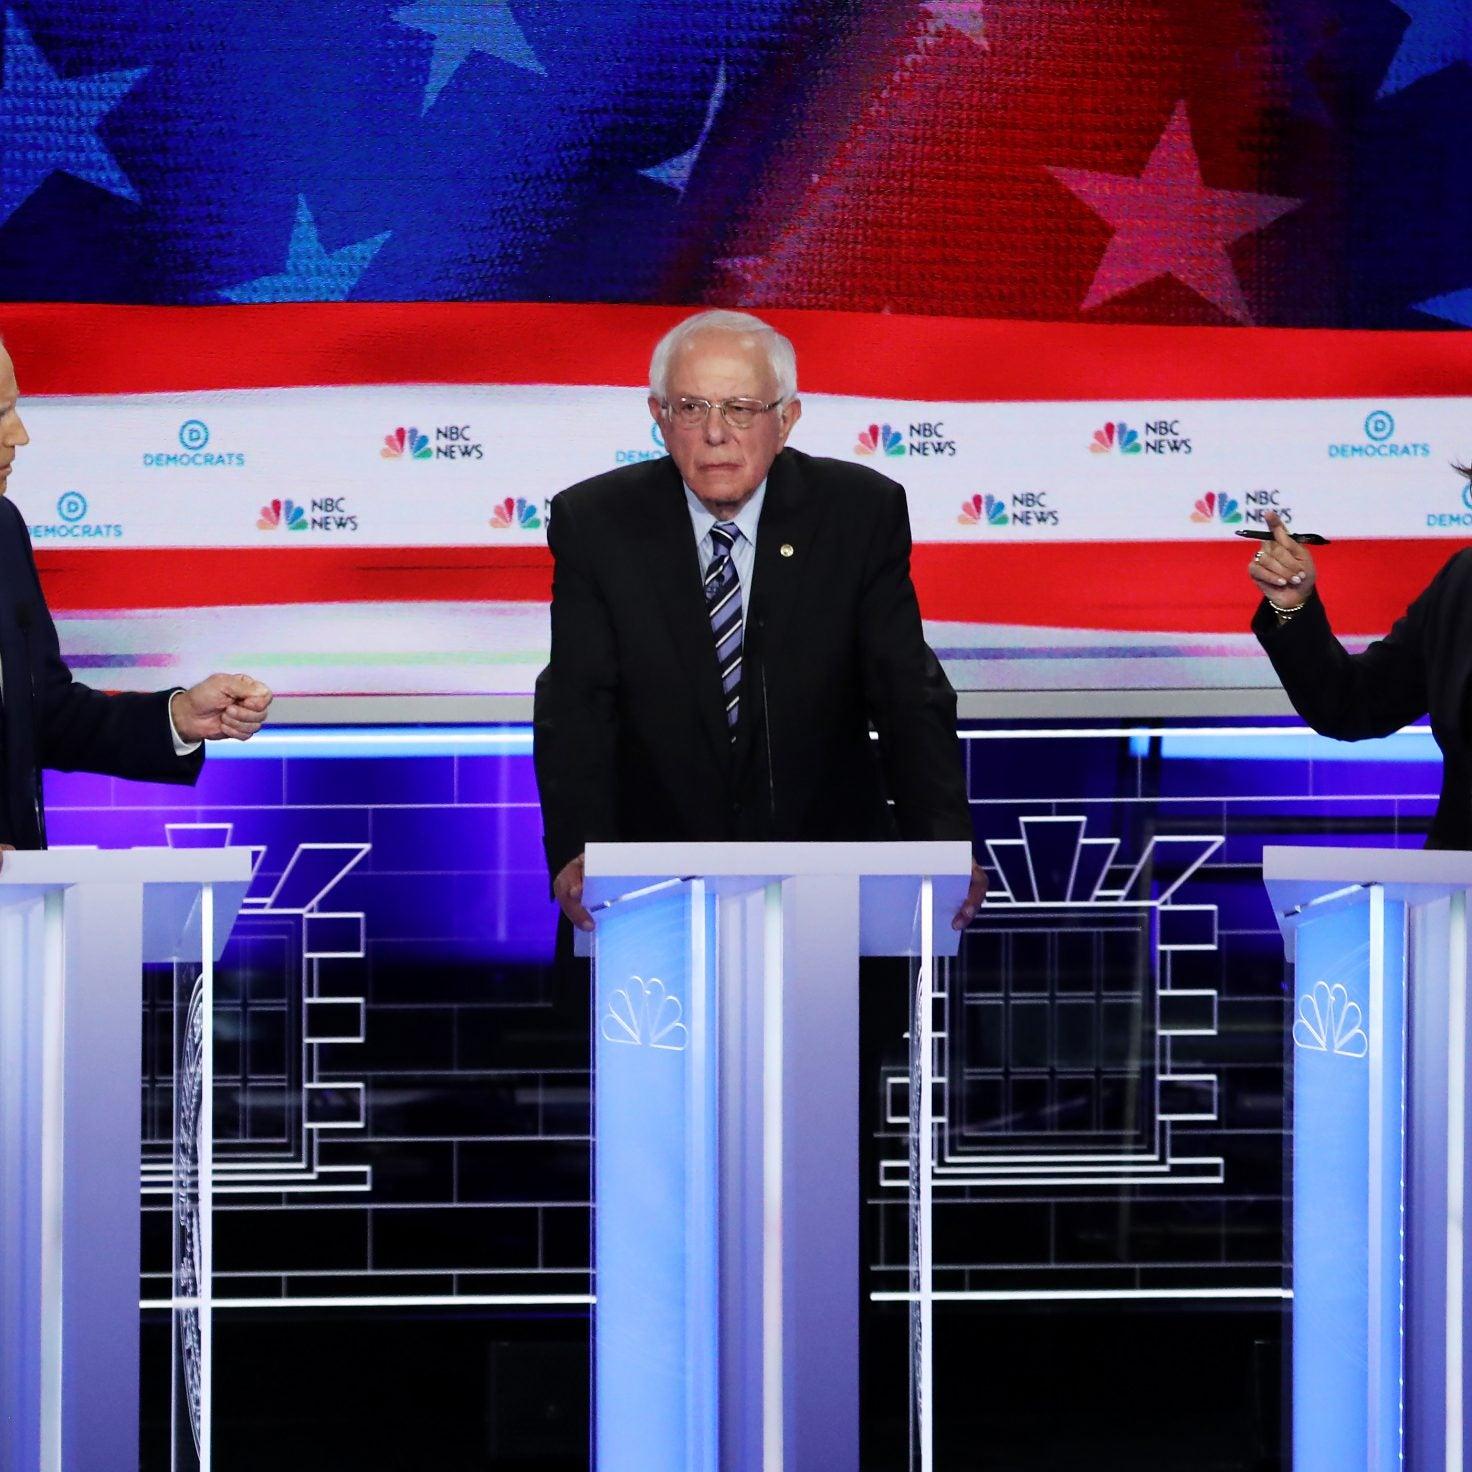 Biden, Sanders, And Warren Tied In New 2020 Election Poll